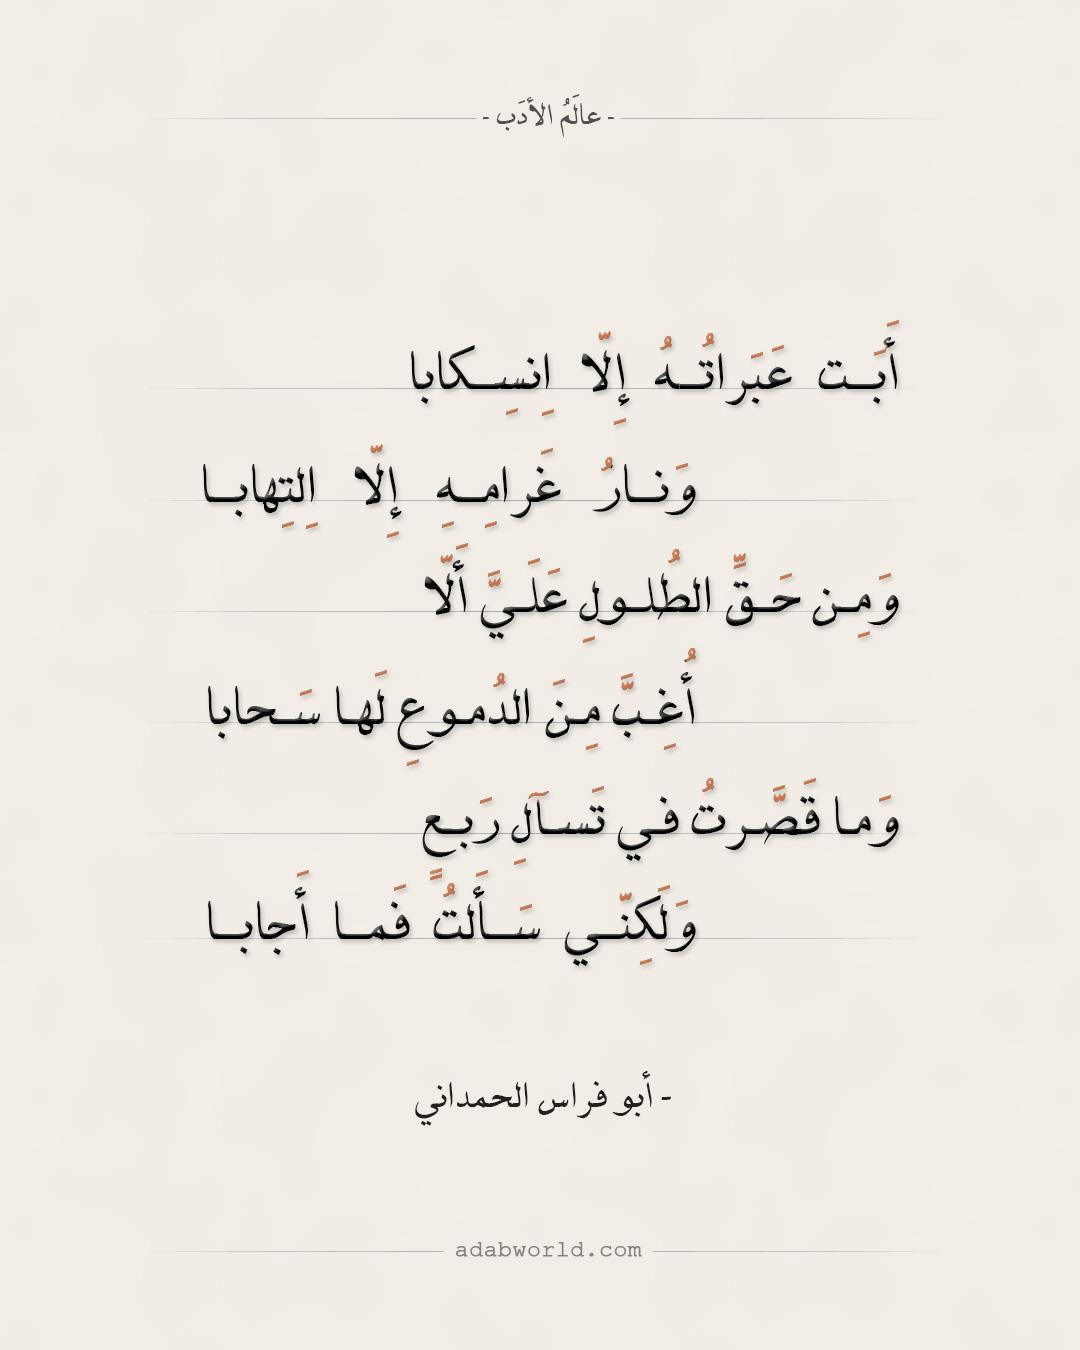 شعر أبو فراس الحمداني - أبت عبراته إلا انسكابا